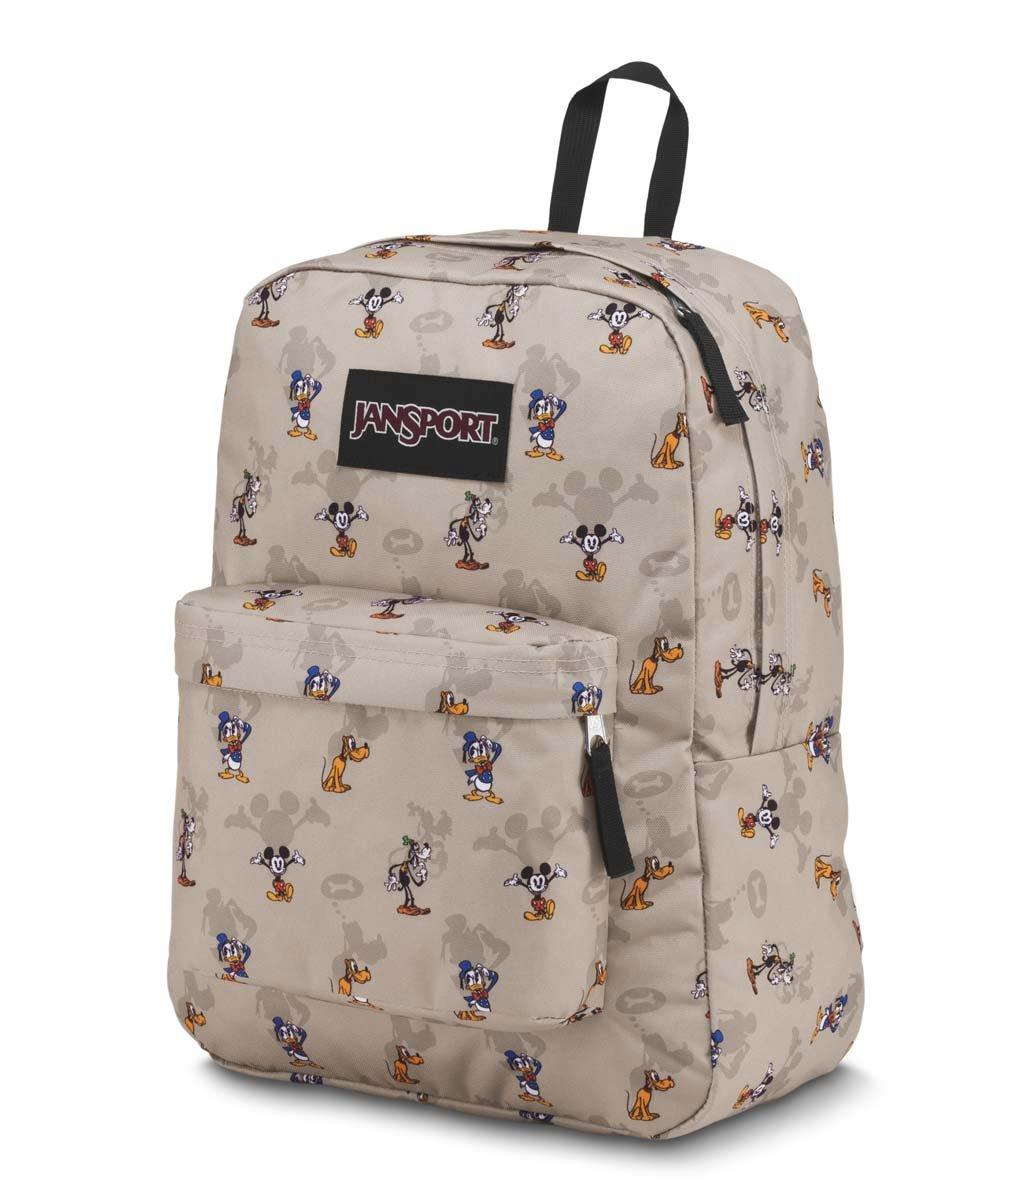 JanSport Disney Superbreak Backpack (Fab Shadow) by JanSport (Image #3)